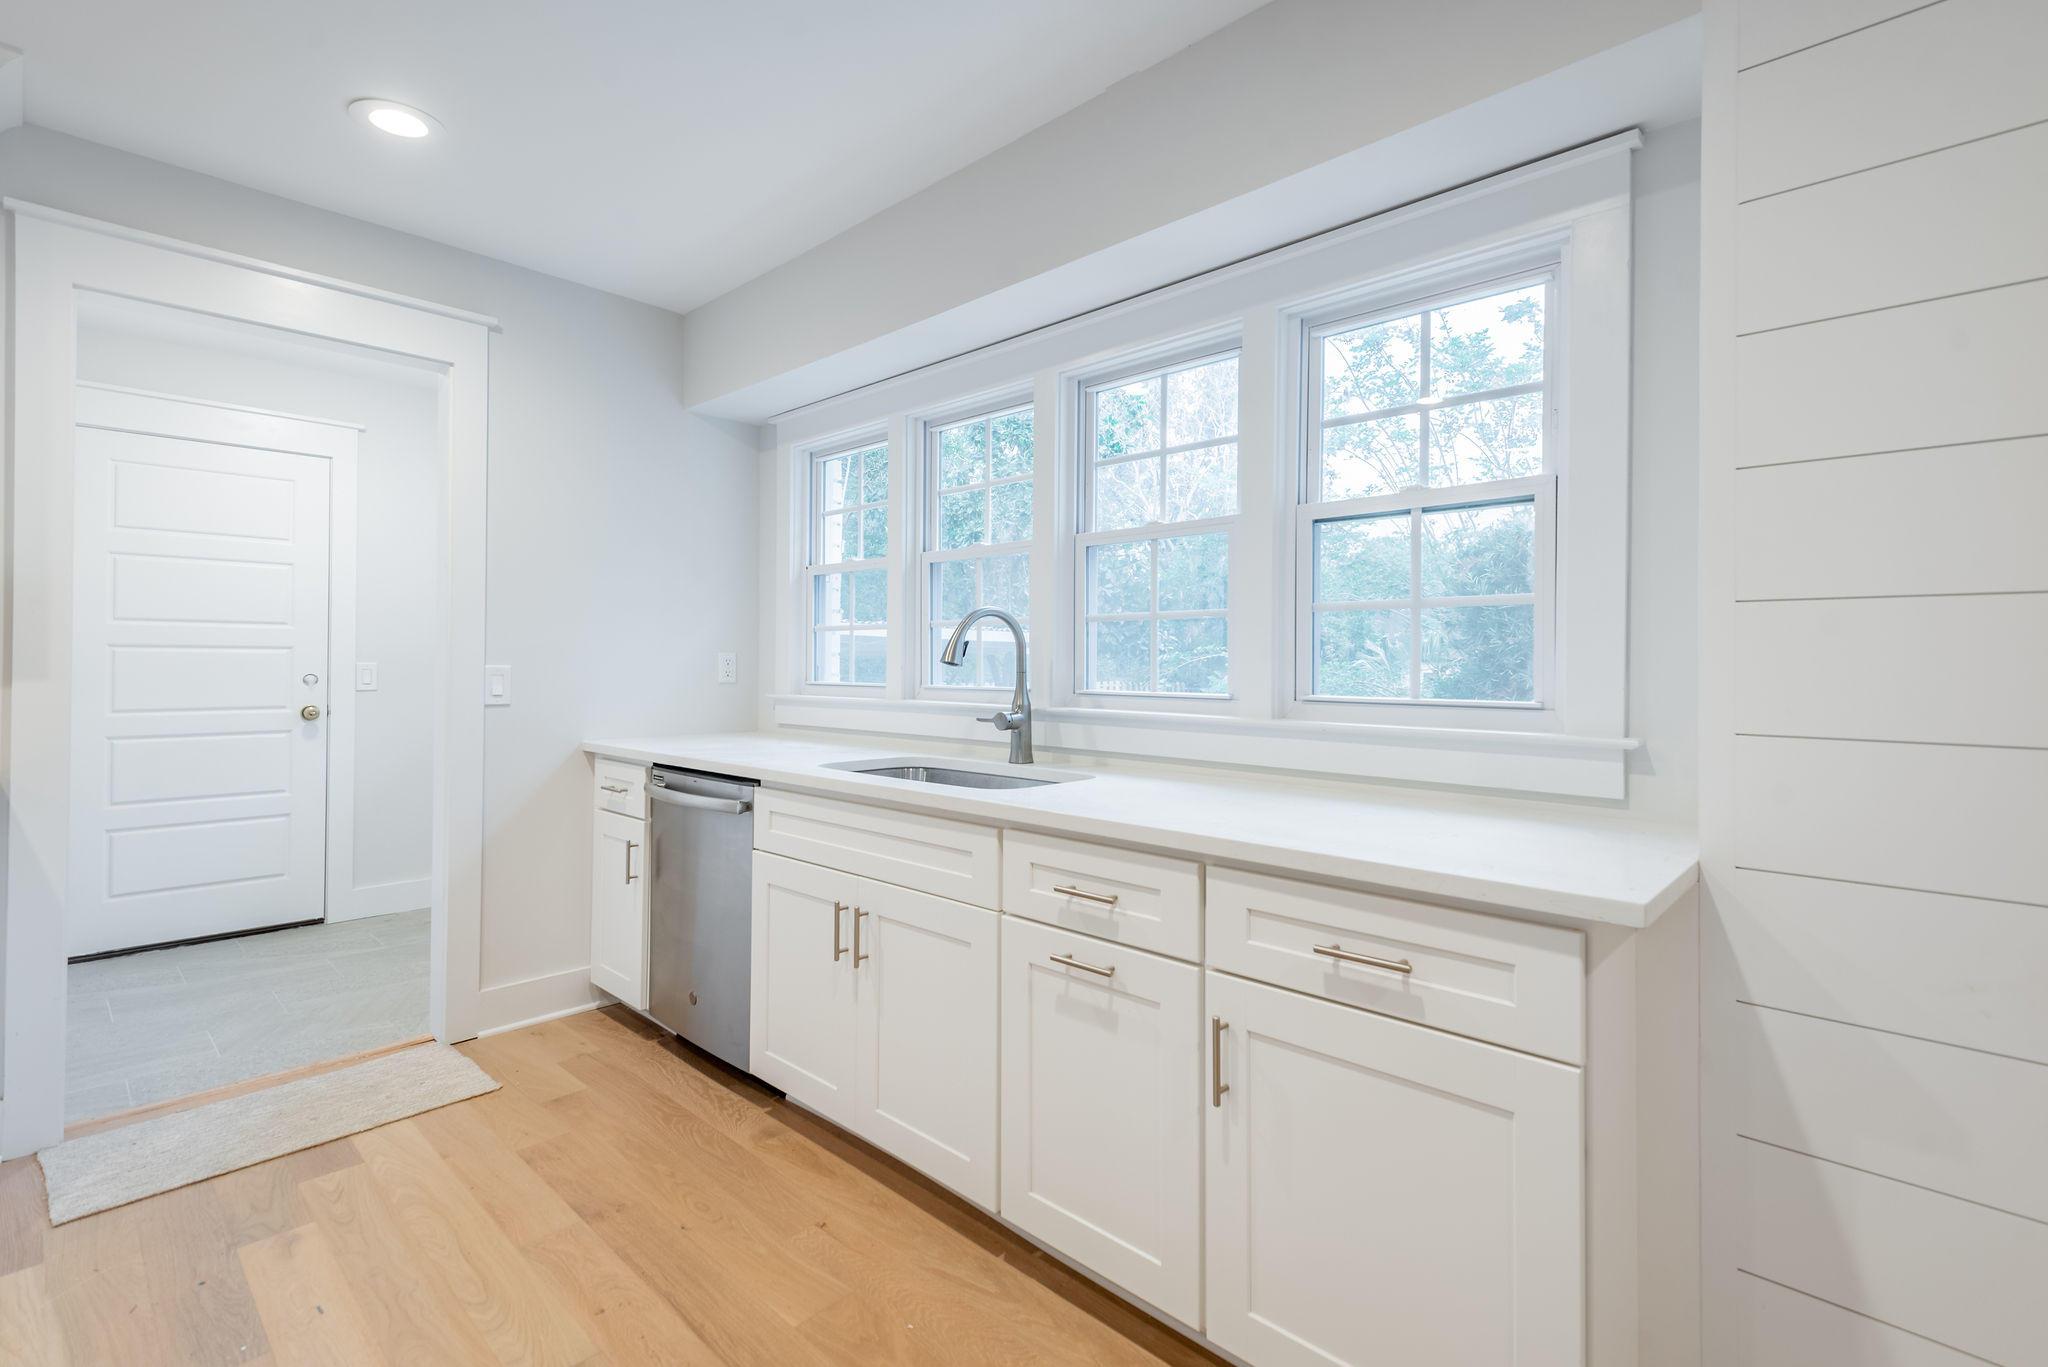 Cooper Estates Homes For Sale - 962 Cummings, Mount Pleasant, SC - 8